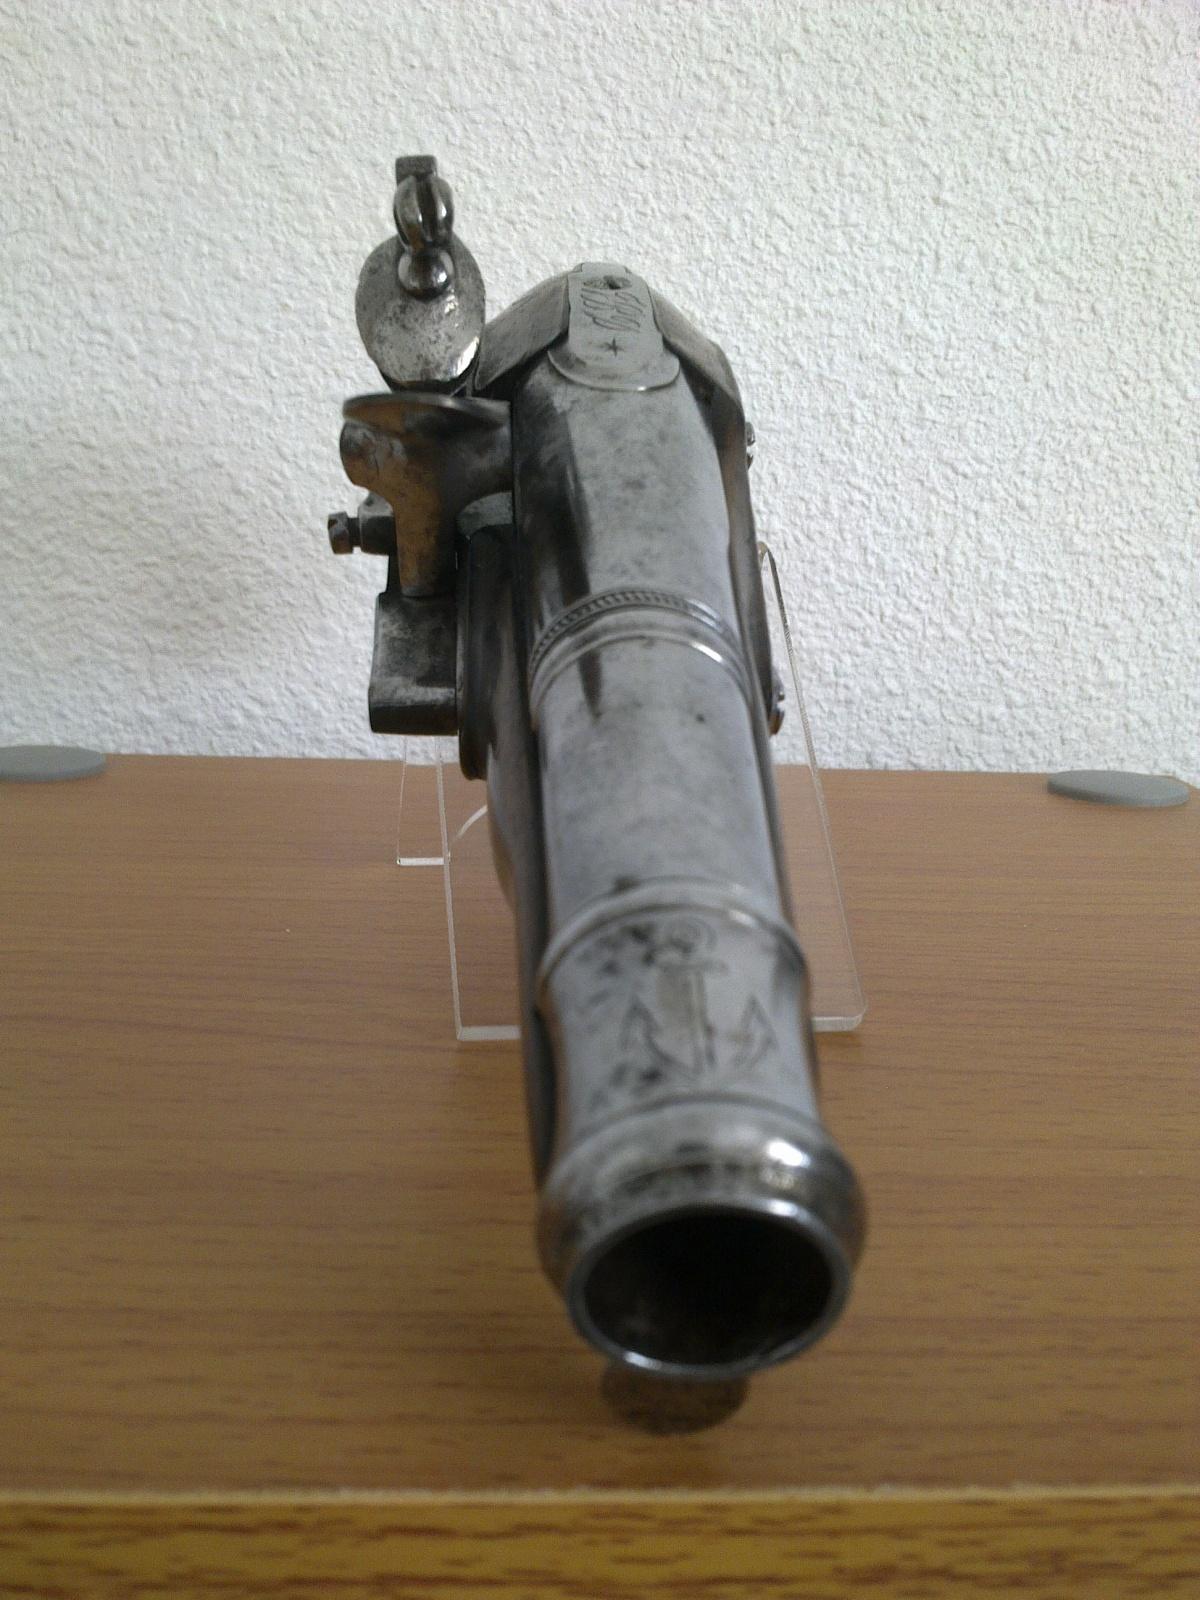 problème avec grand ressort de la platine à silex d'un pistolet CASSAIGNARD  2pq8hdt